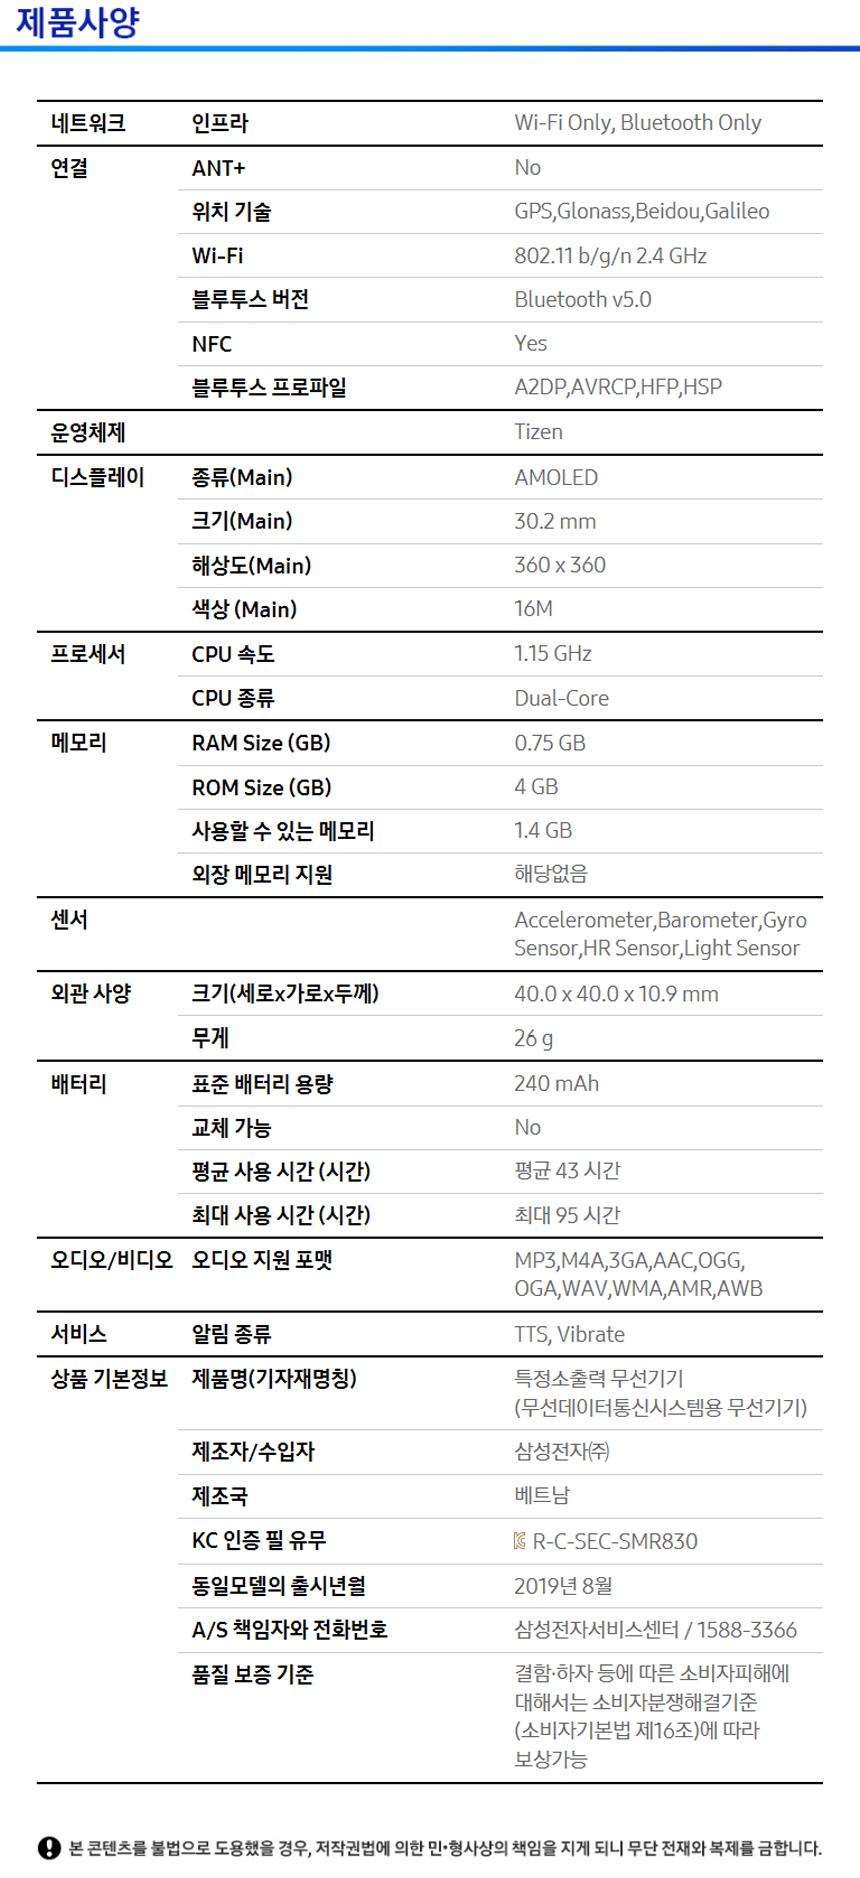 삼성전자(SAMSUNG ELECTRONICS) 갤럭시워치 액티브2 스테인리스 40mm